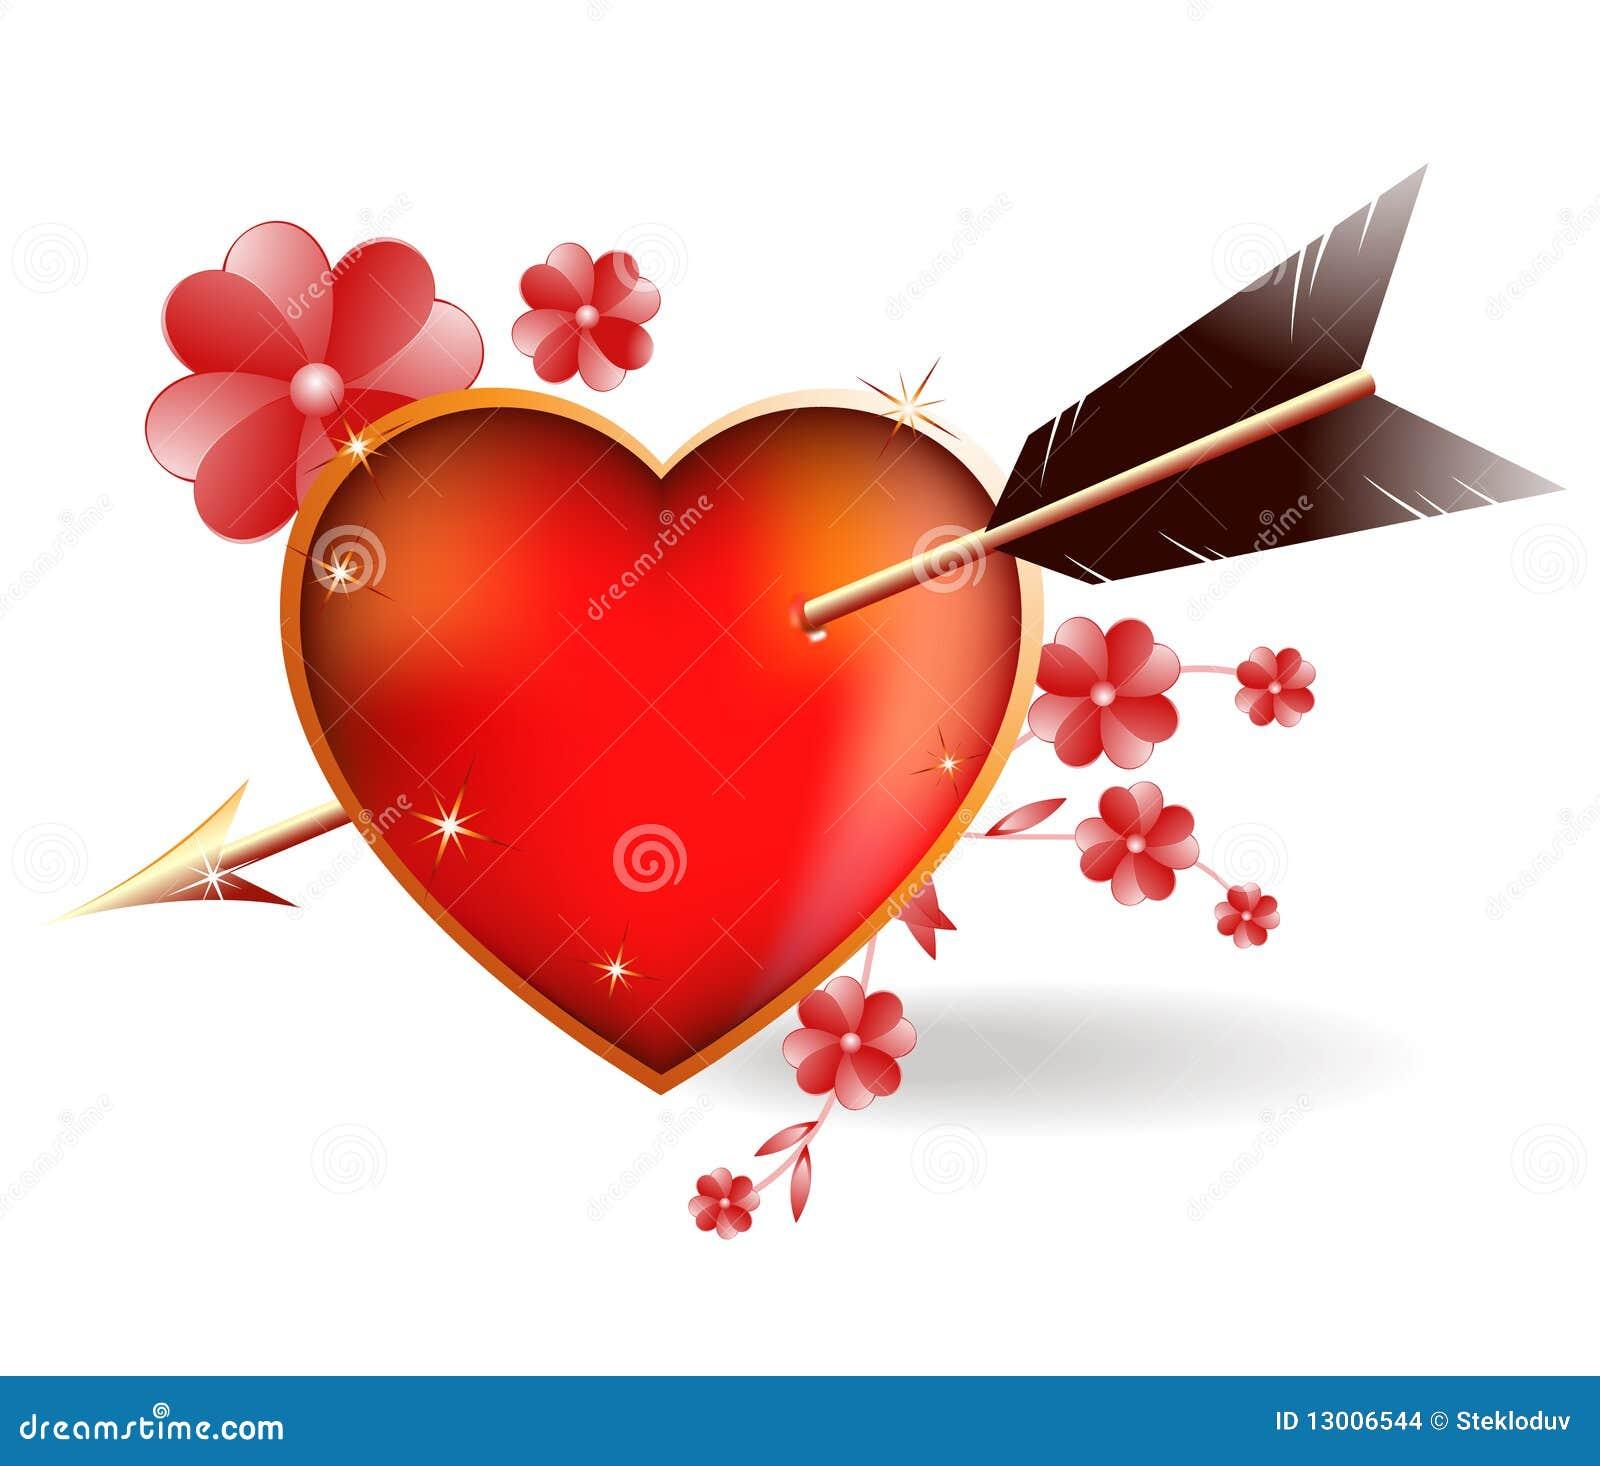 Coeur perc par un cupidon de fl che illustration de vecteur illustration du couleur dessin - Image de cupidon gratuite ...